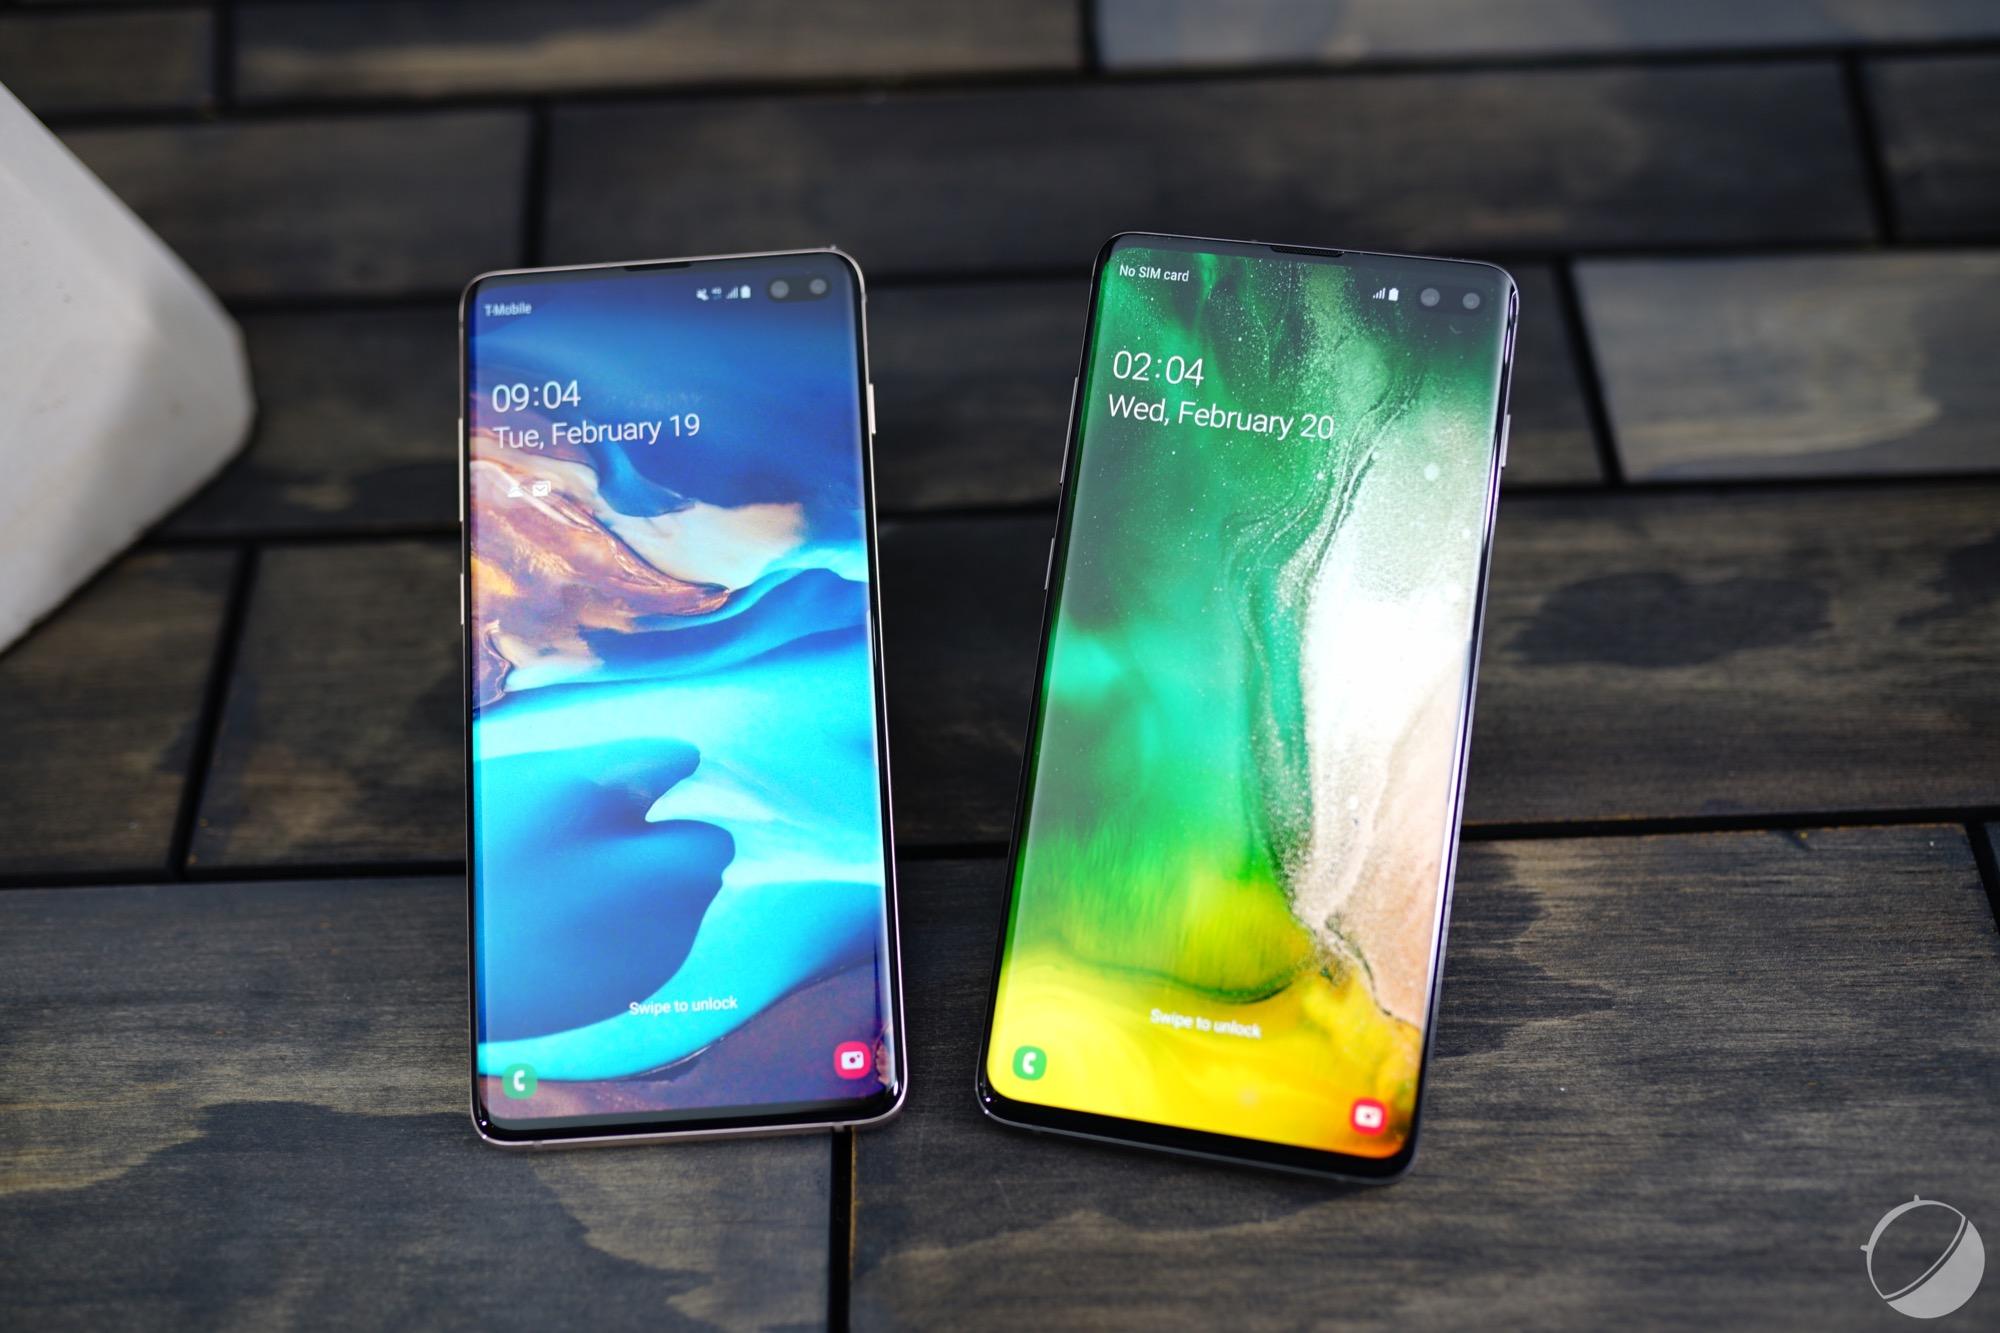 Encore une fois, le Samsung Galaxy S10+ sous Snapdragon 855 reste plus puissant que l'Exynos 9820